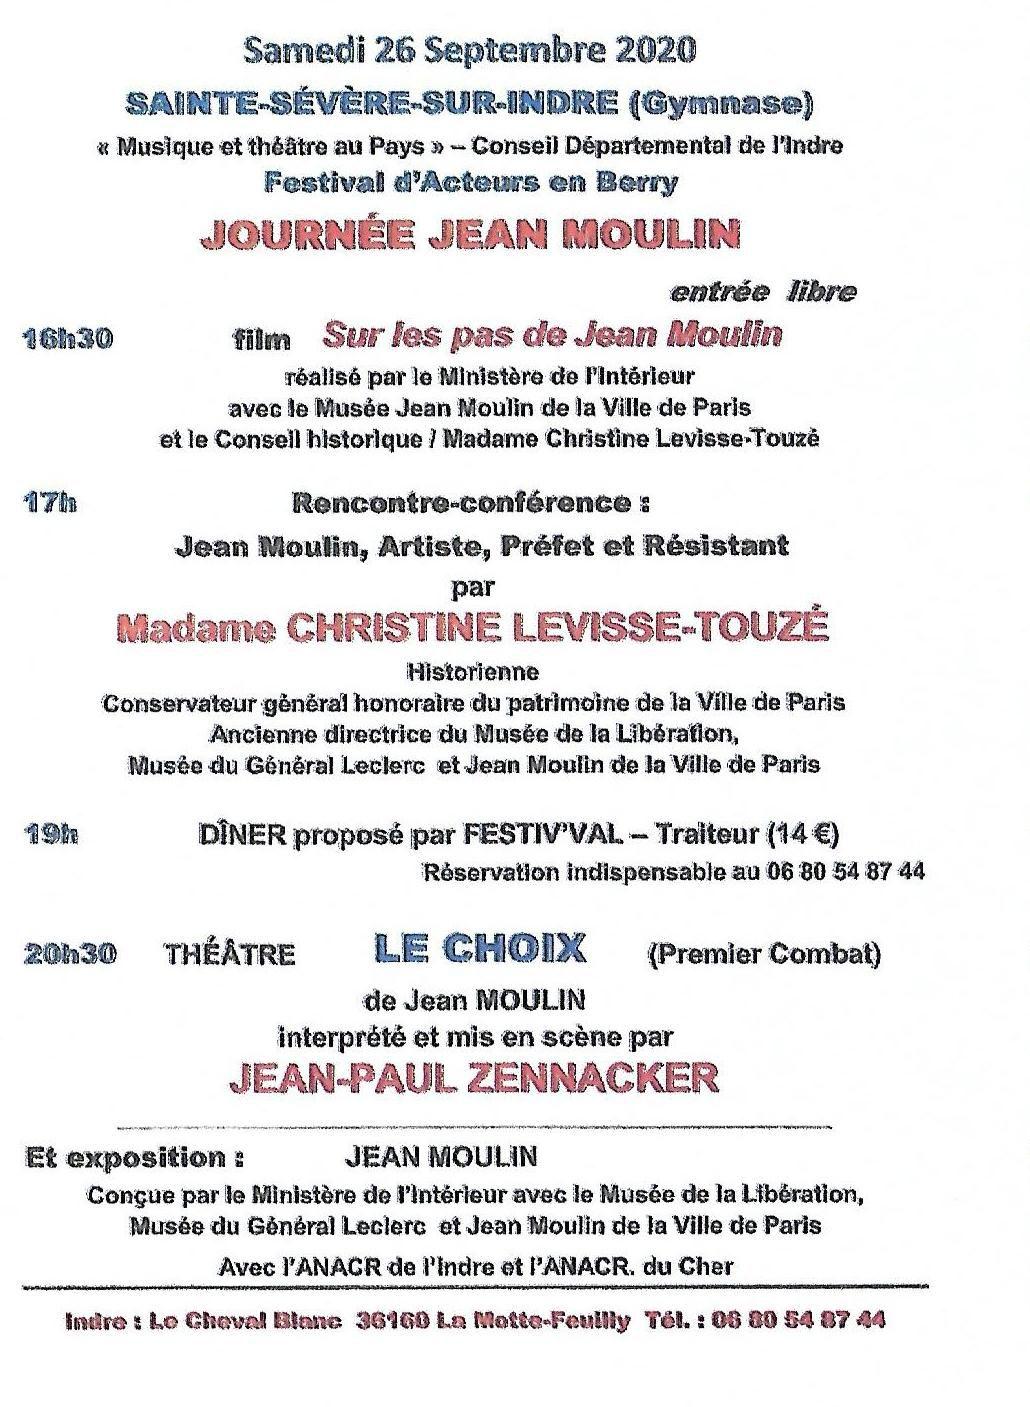 JP Zennacker rencontre Jacques Prévert à Sidiailles